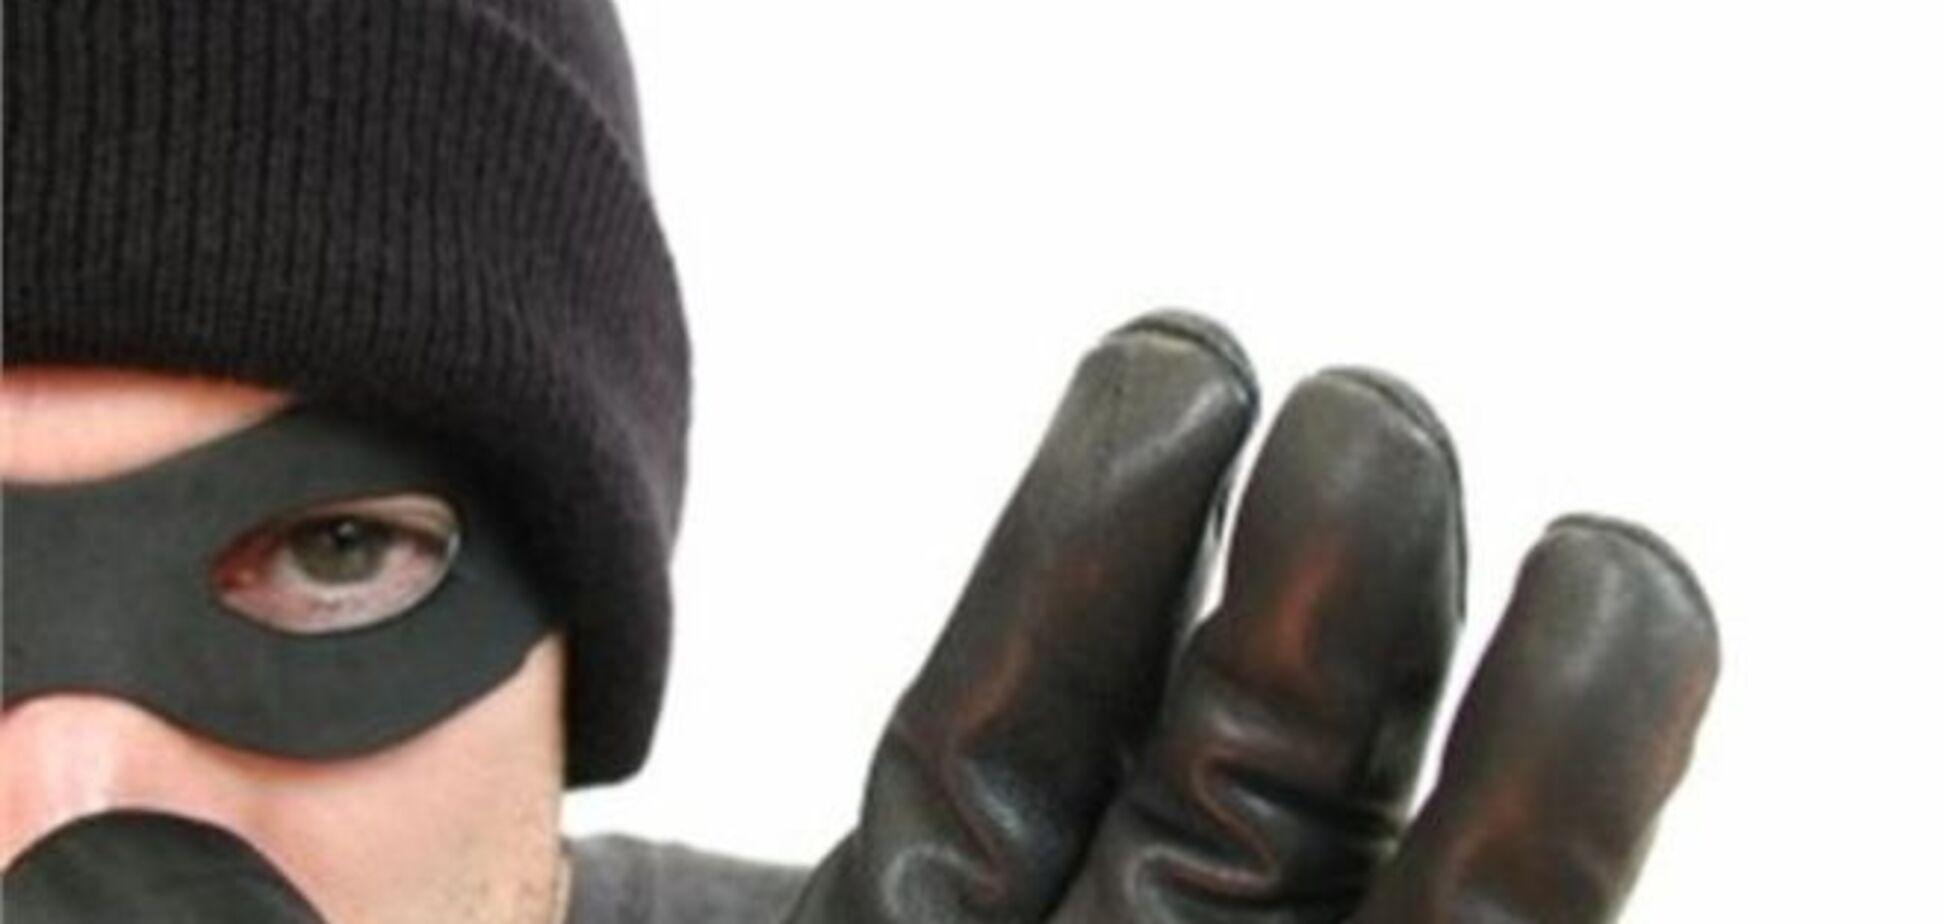 В Киеве возросло количество случаев мошенничества при аренде жилья